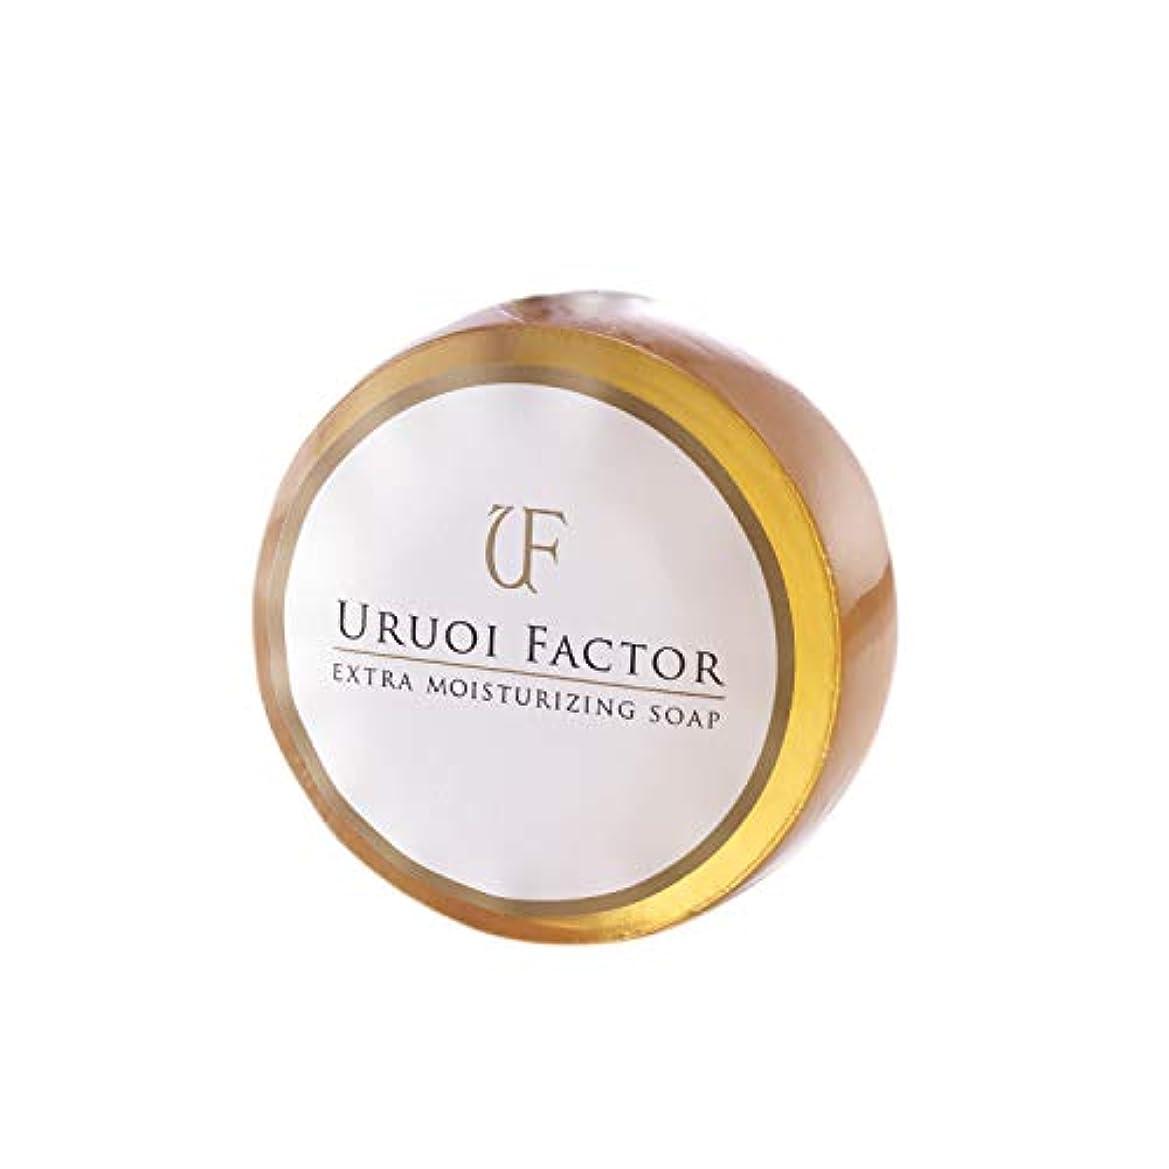 稚魚縁石政治的URUOI FACTOR(うるおいファクター) UFソープ フルボ酸 スクワラン配合 無添加洗顔石鹸(弱アルカリ性) 100g